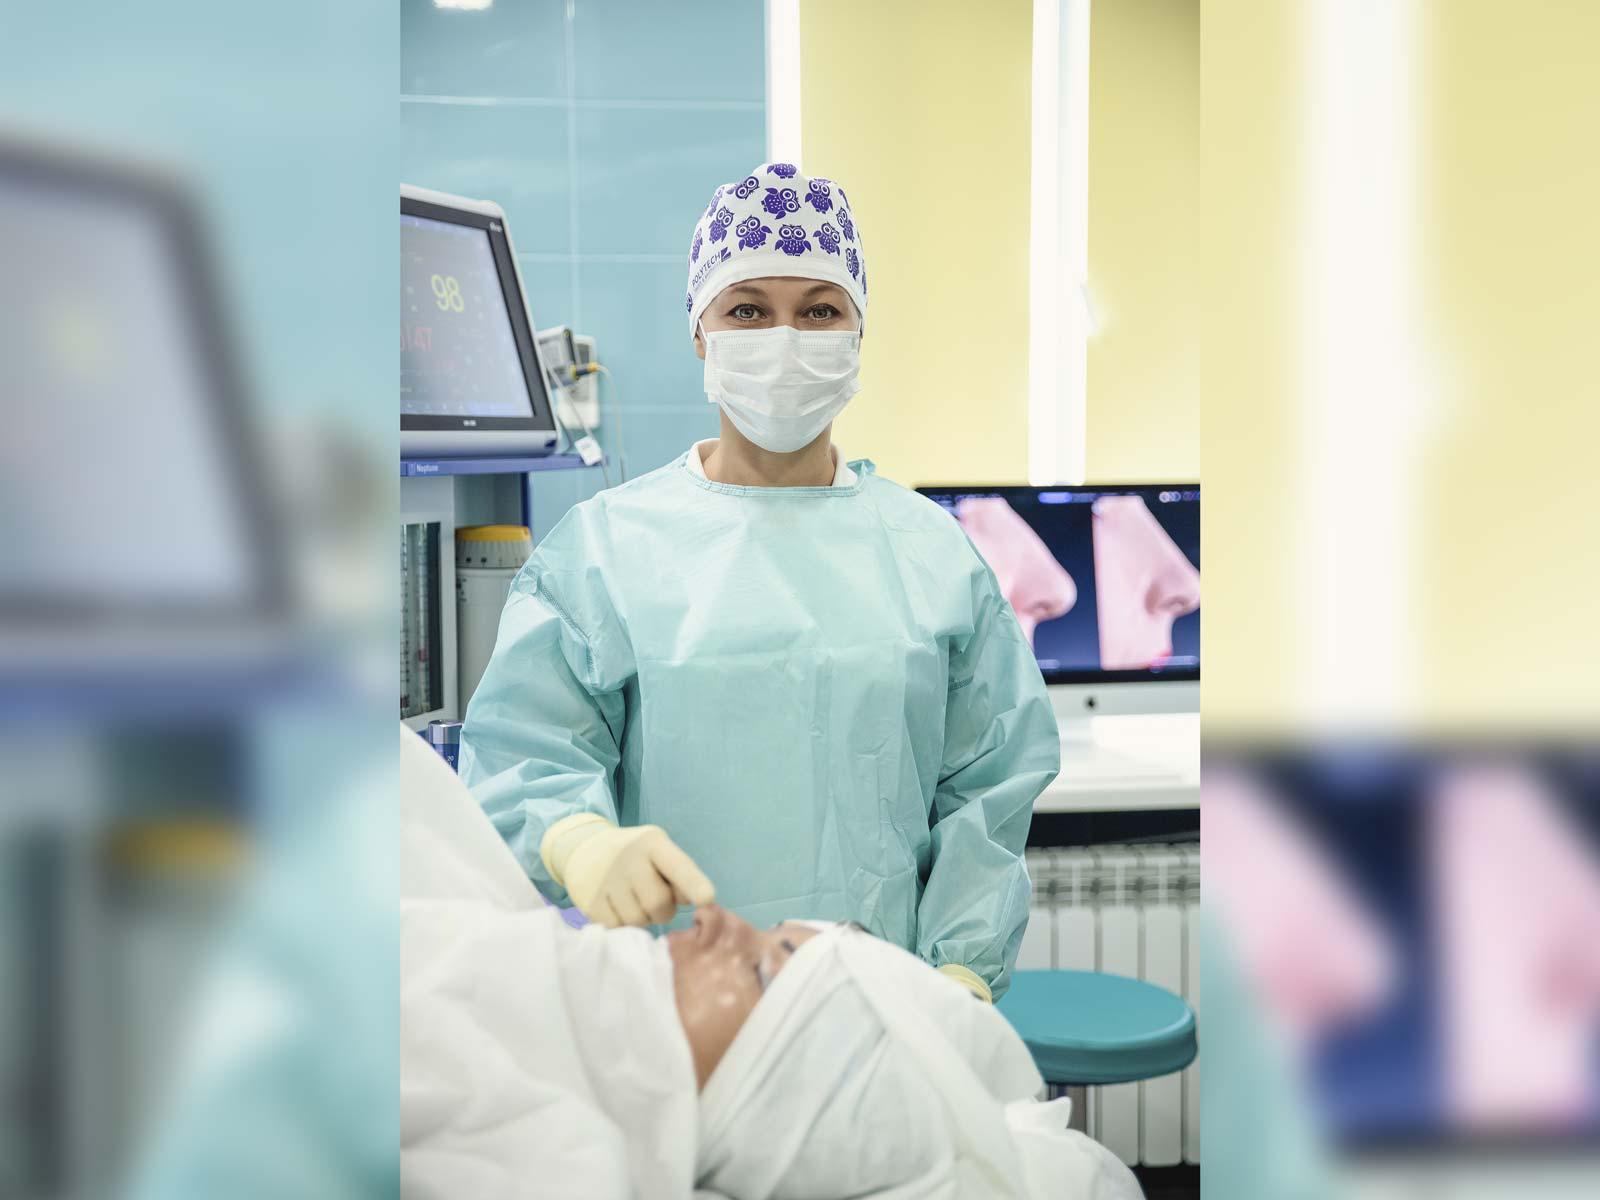 Ринопластика: кому нужна данная операция